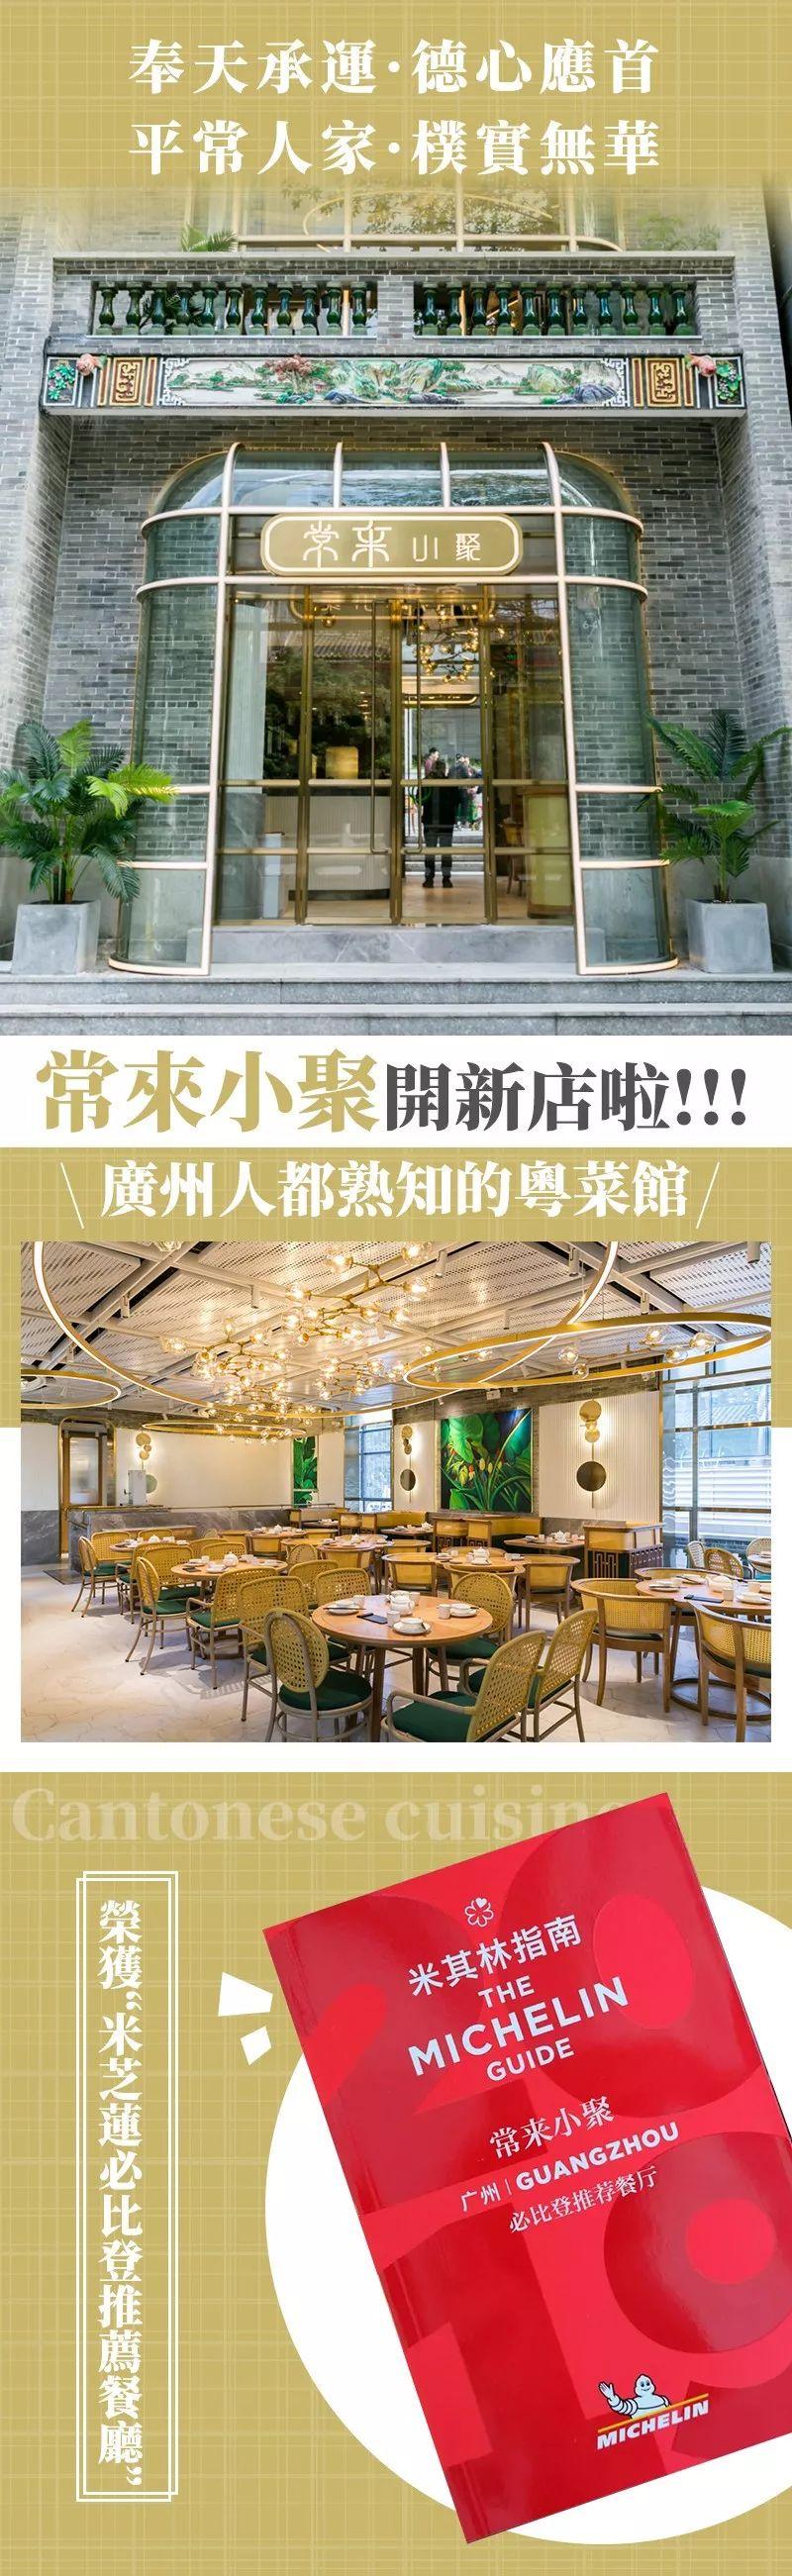 """上榜广州米其林的""""常来饭店""""又开新店啦!""""6折""""开吃!亲民价格享"""